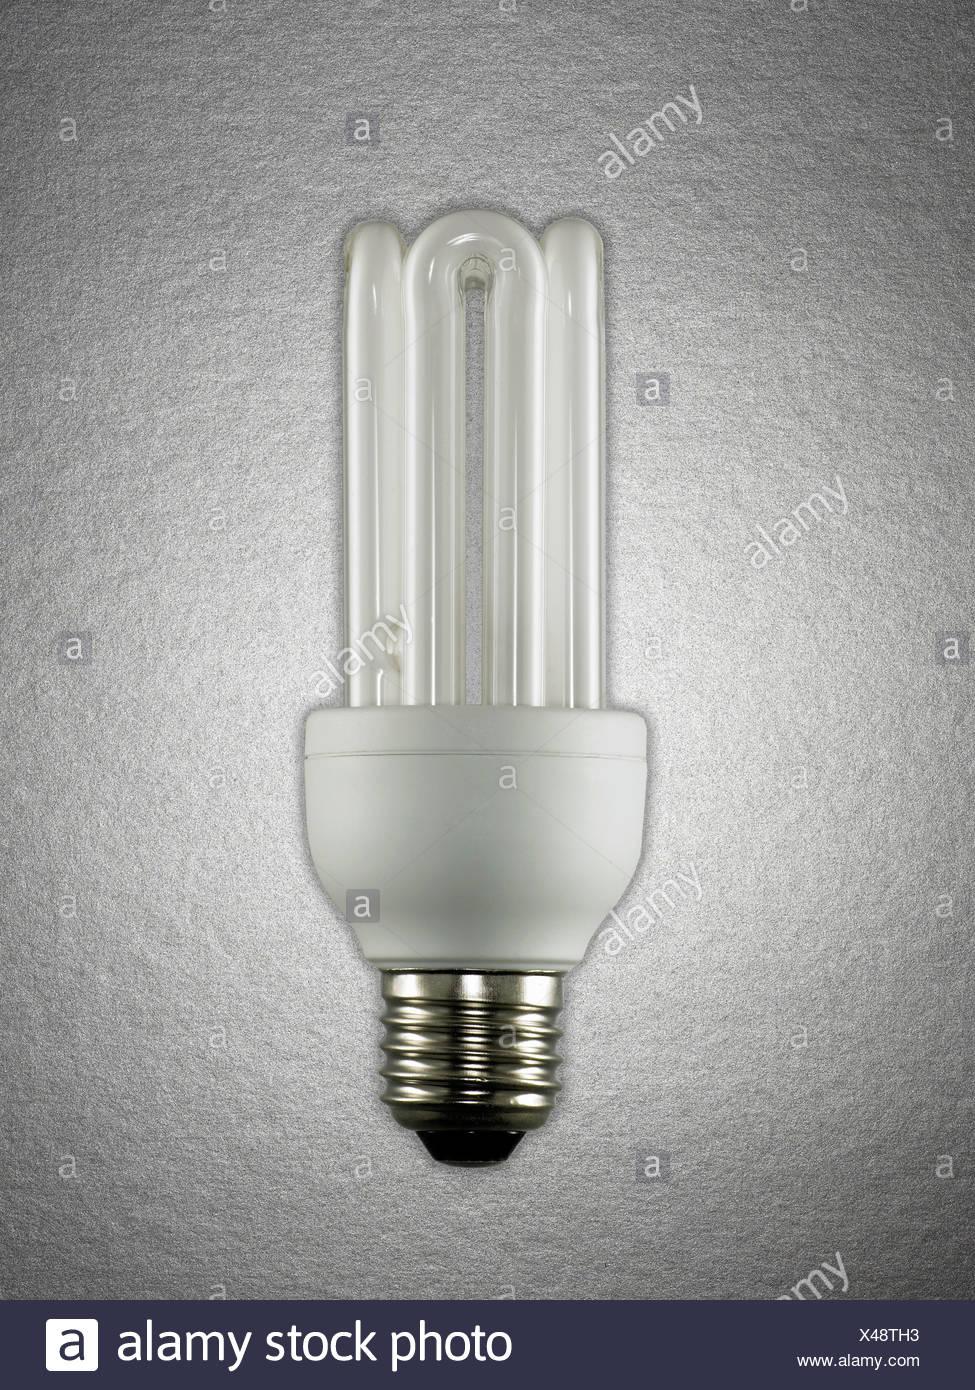 Ampoule à économie d'énergie Photo Stock